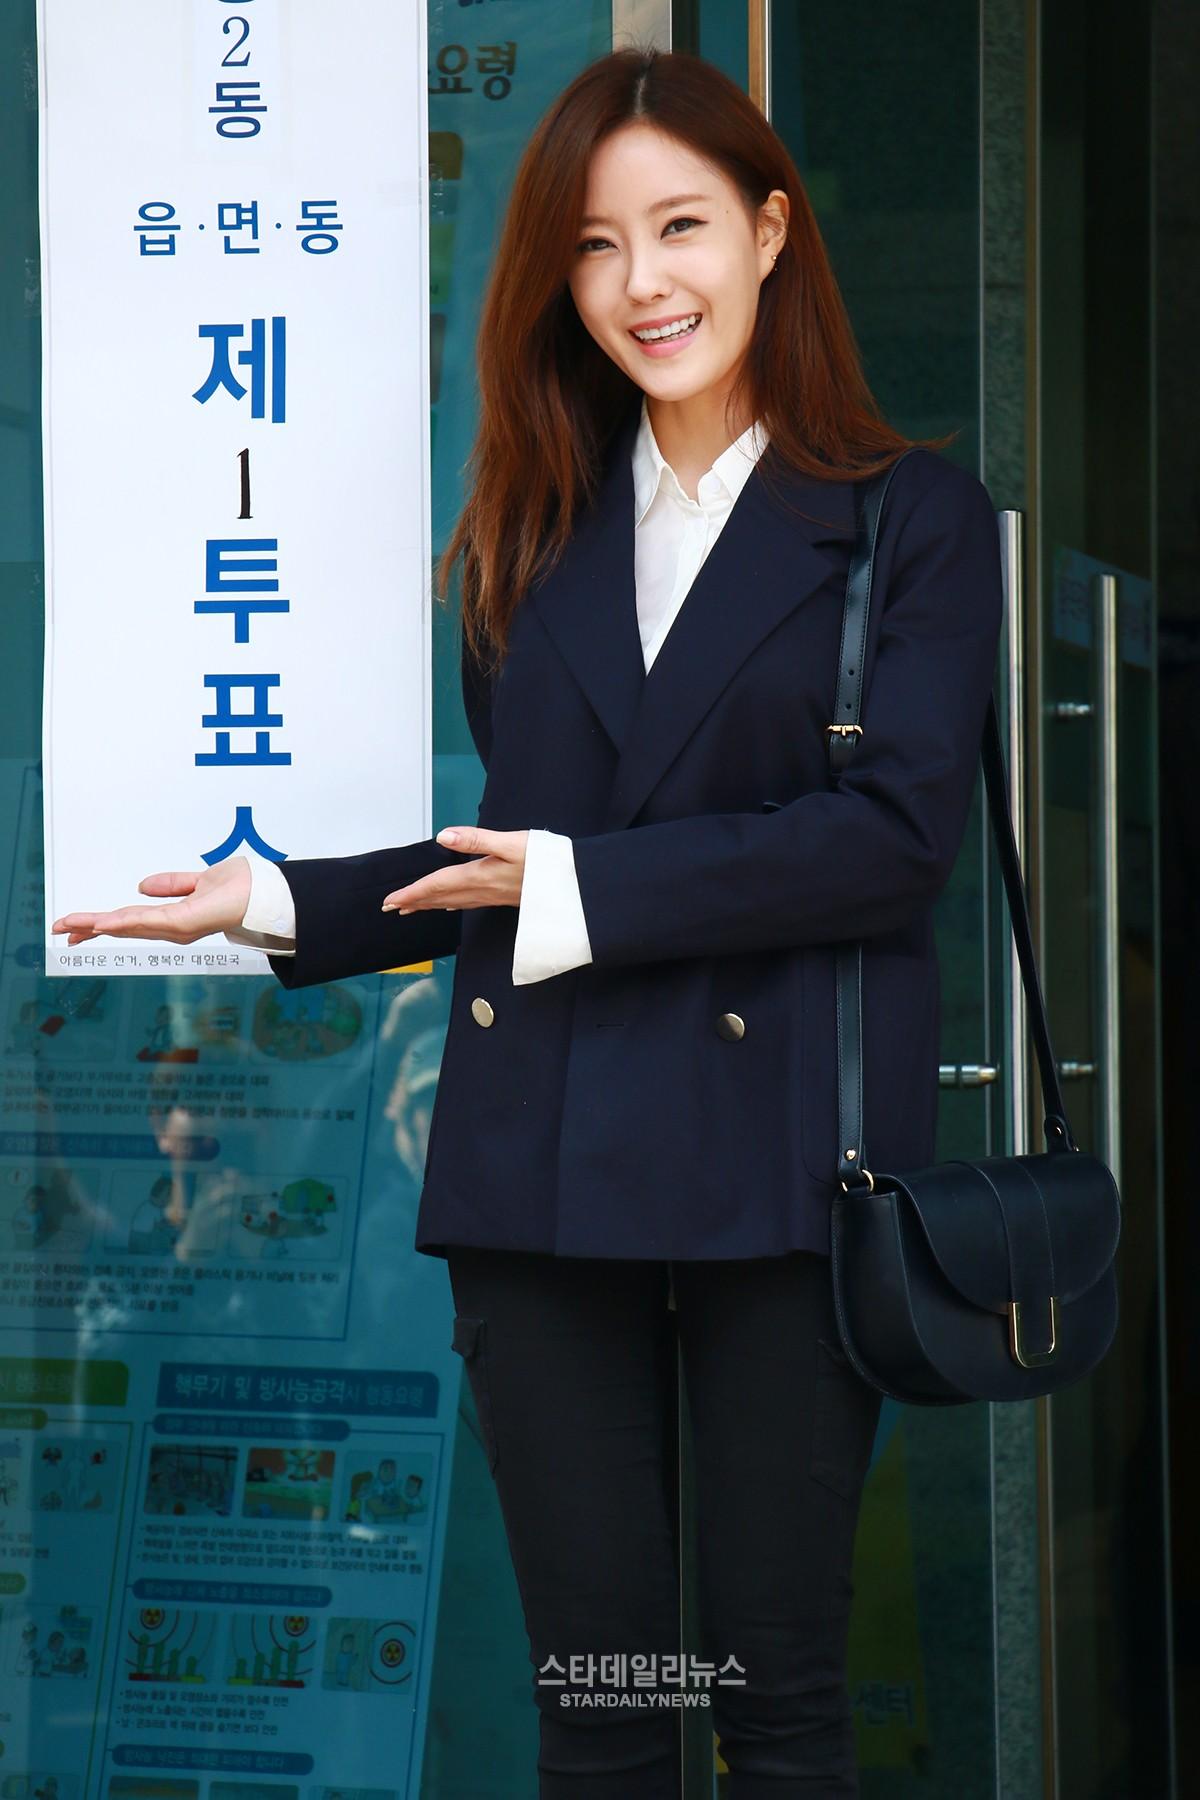 Suzy, Hyomin, Sooyoung, Yesung y muchos más acuden a las urnas para votar en el día de las elecciones